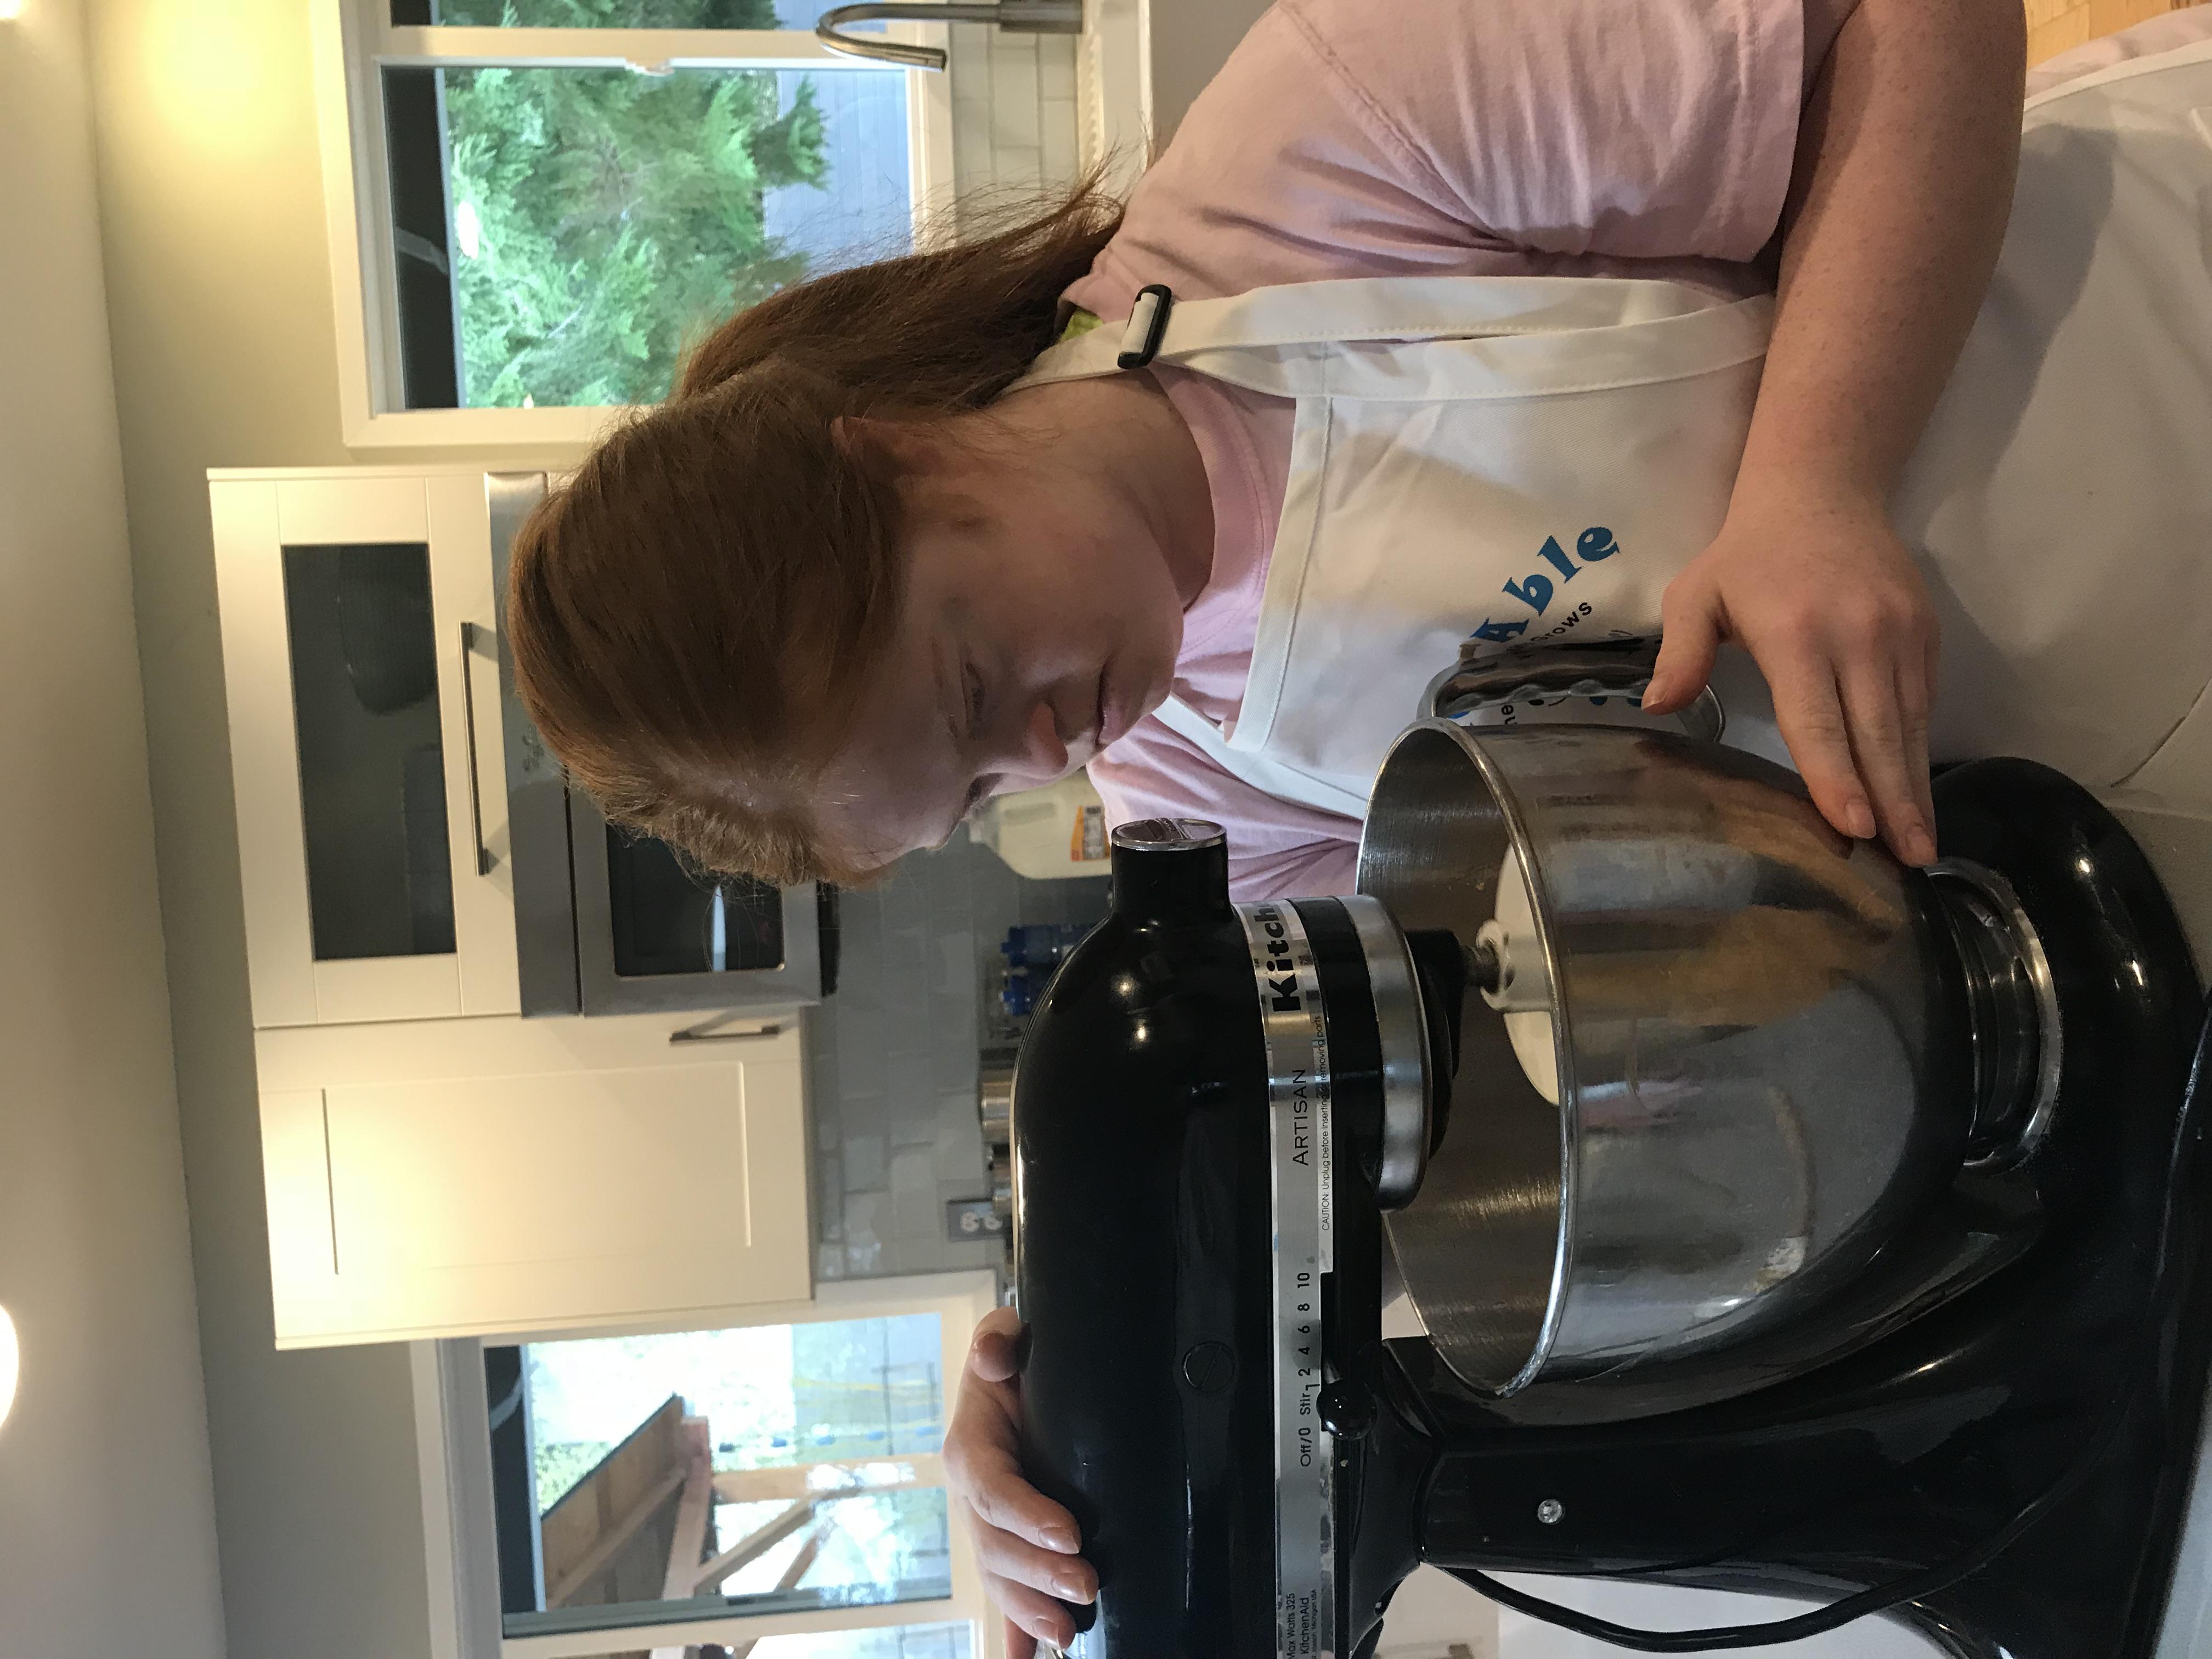 Megan mixing ingredients